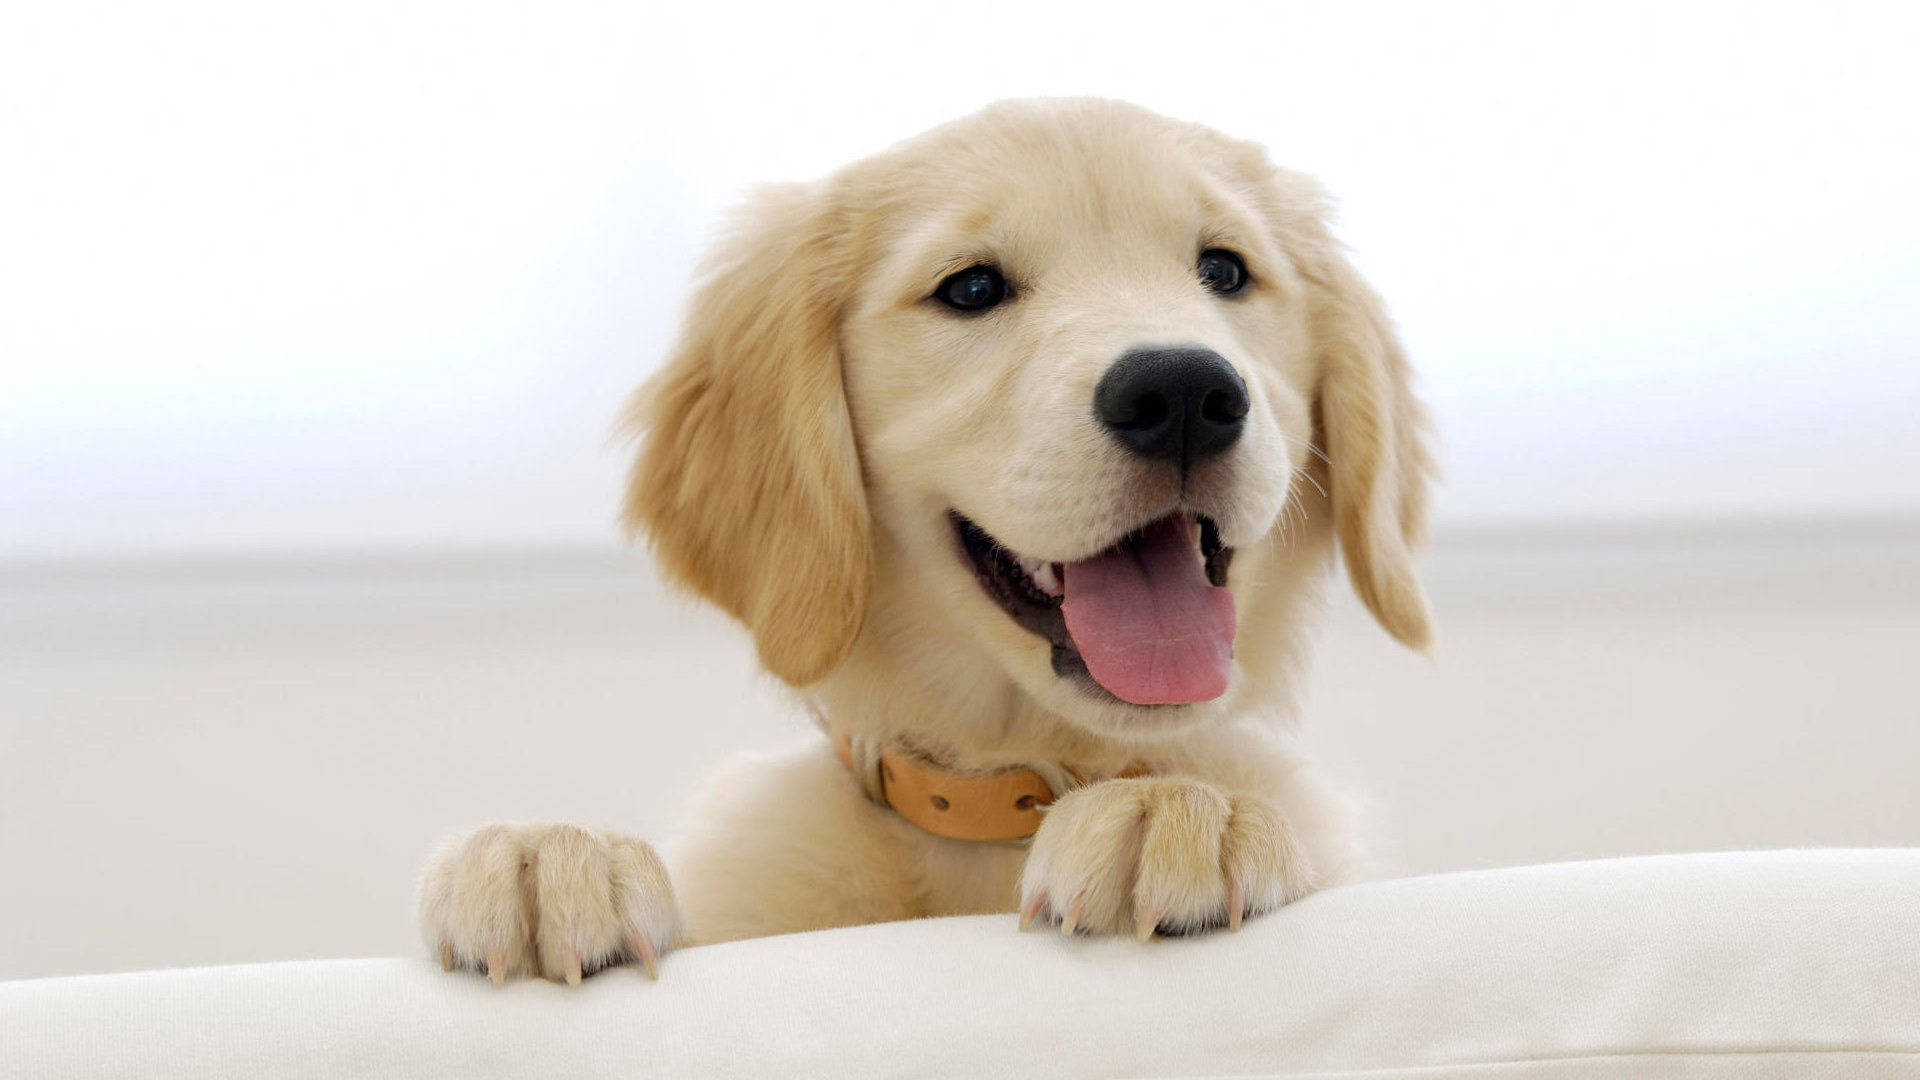 Dessins en couleurs imprimer chien num ro 451826 - Photo d animaux a imprimer gratuitement ...